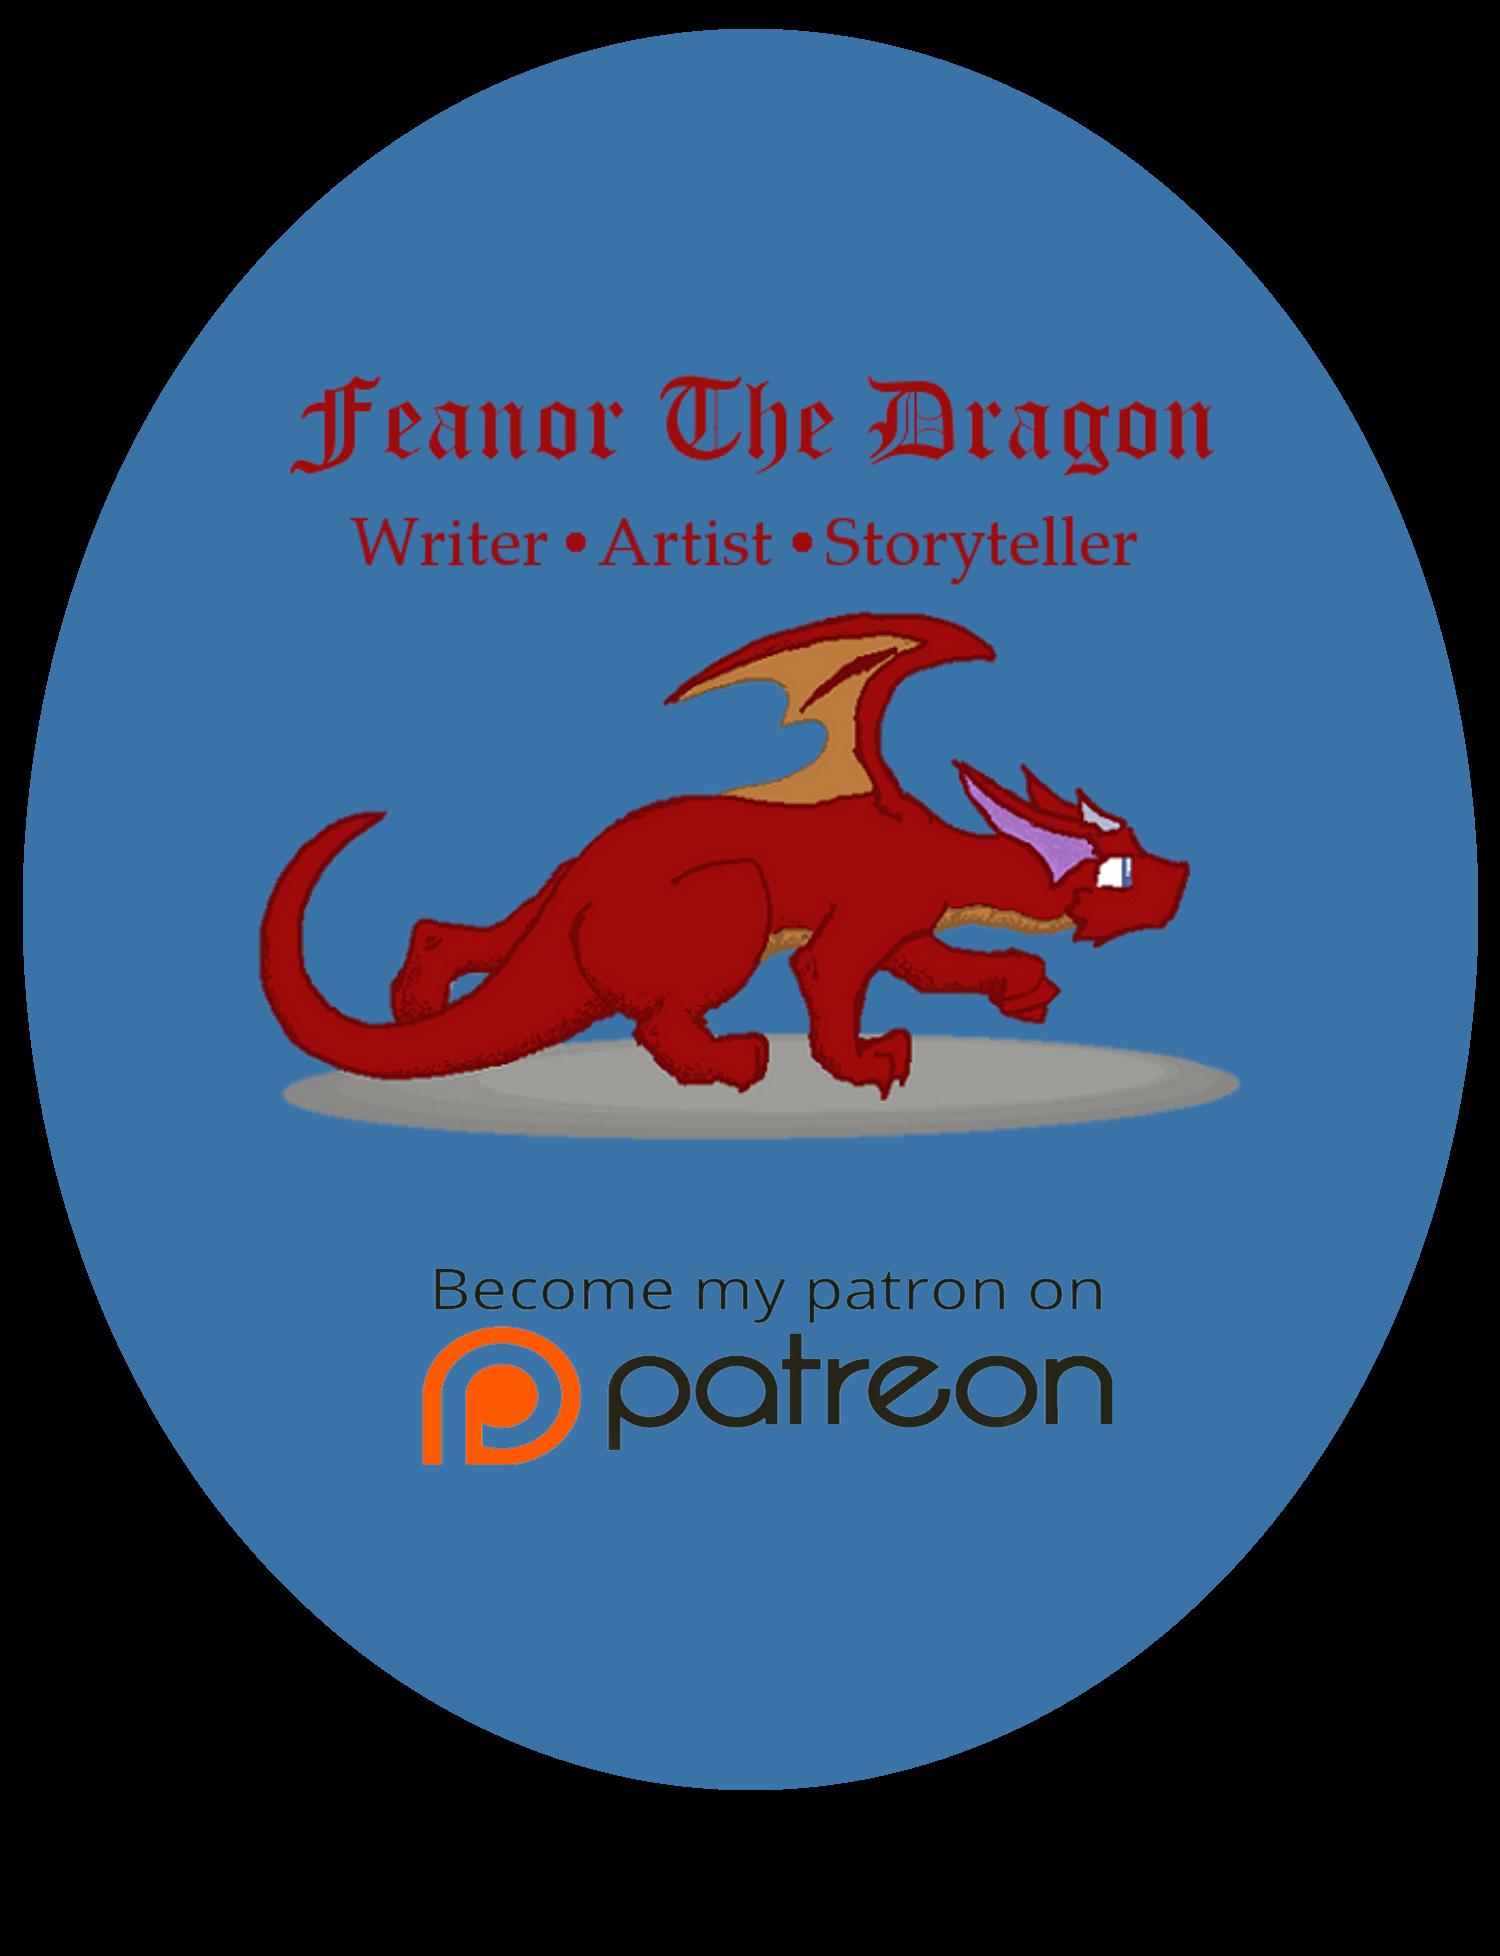 Feanor-the-Dragon's Profile Picture